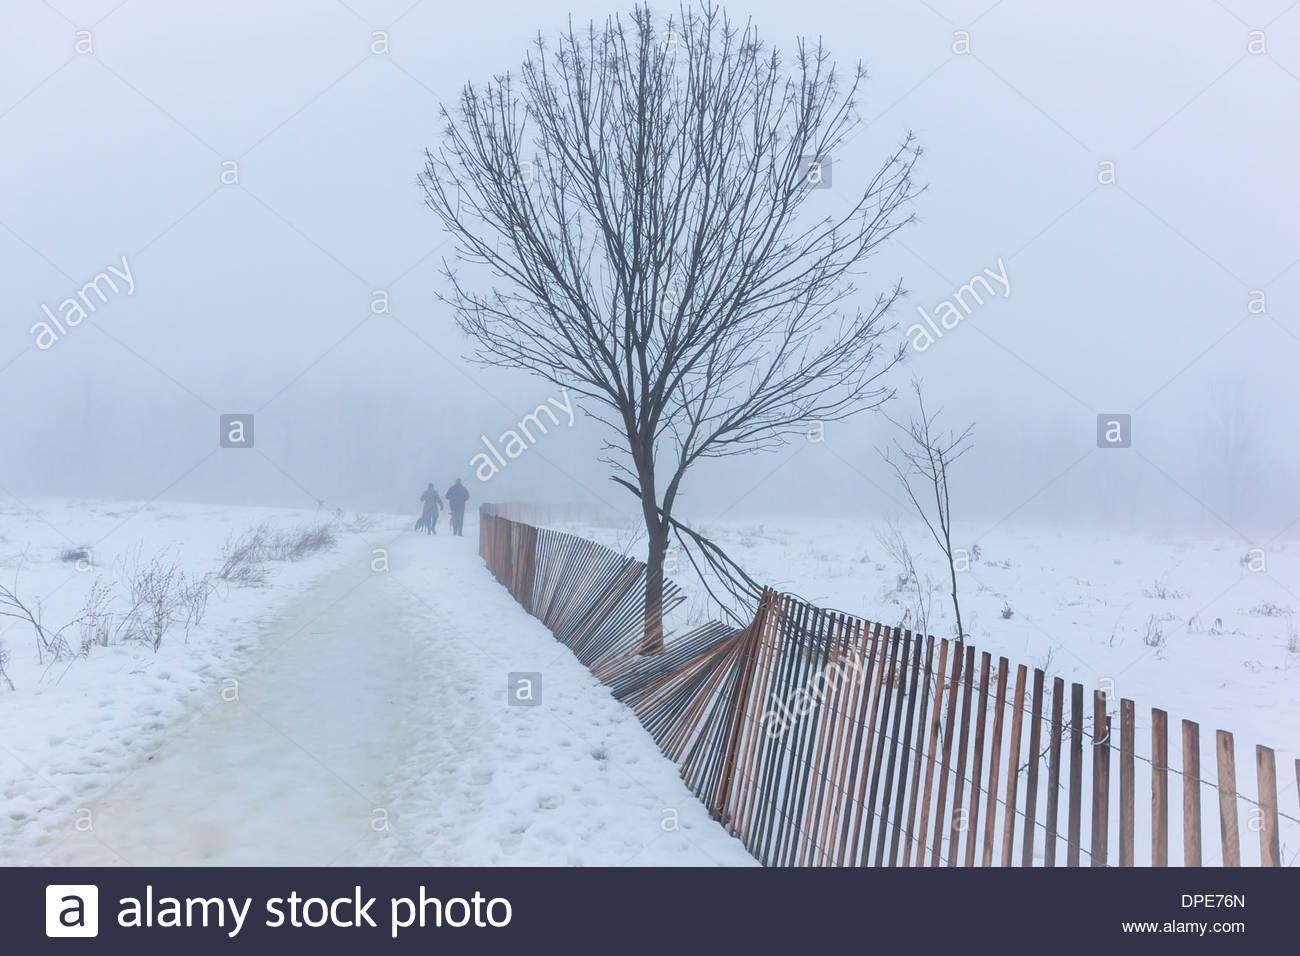 La promenade du chien à côté d'une clôture à neige dans le brouillard à cause de dégel de janvier à Scarborough Bluffs Park à Toronto (Ontario) Canada Photo Stock